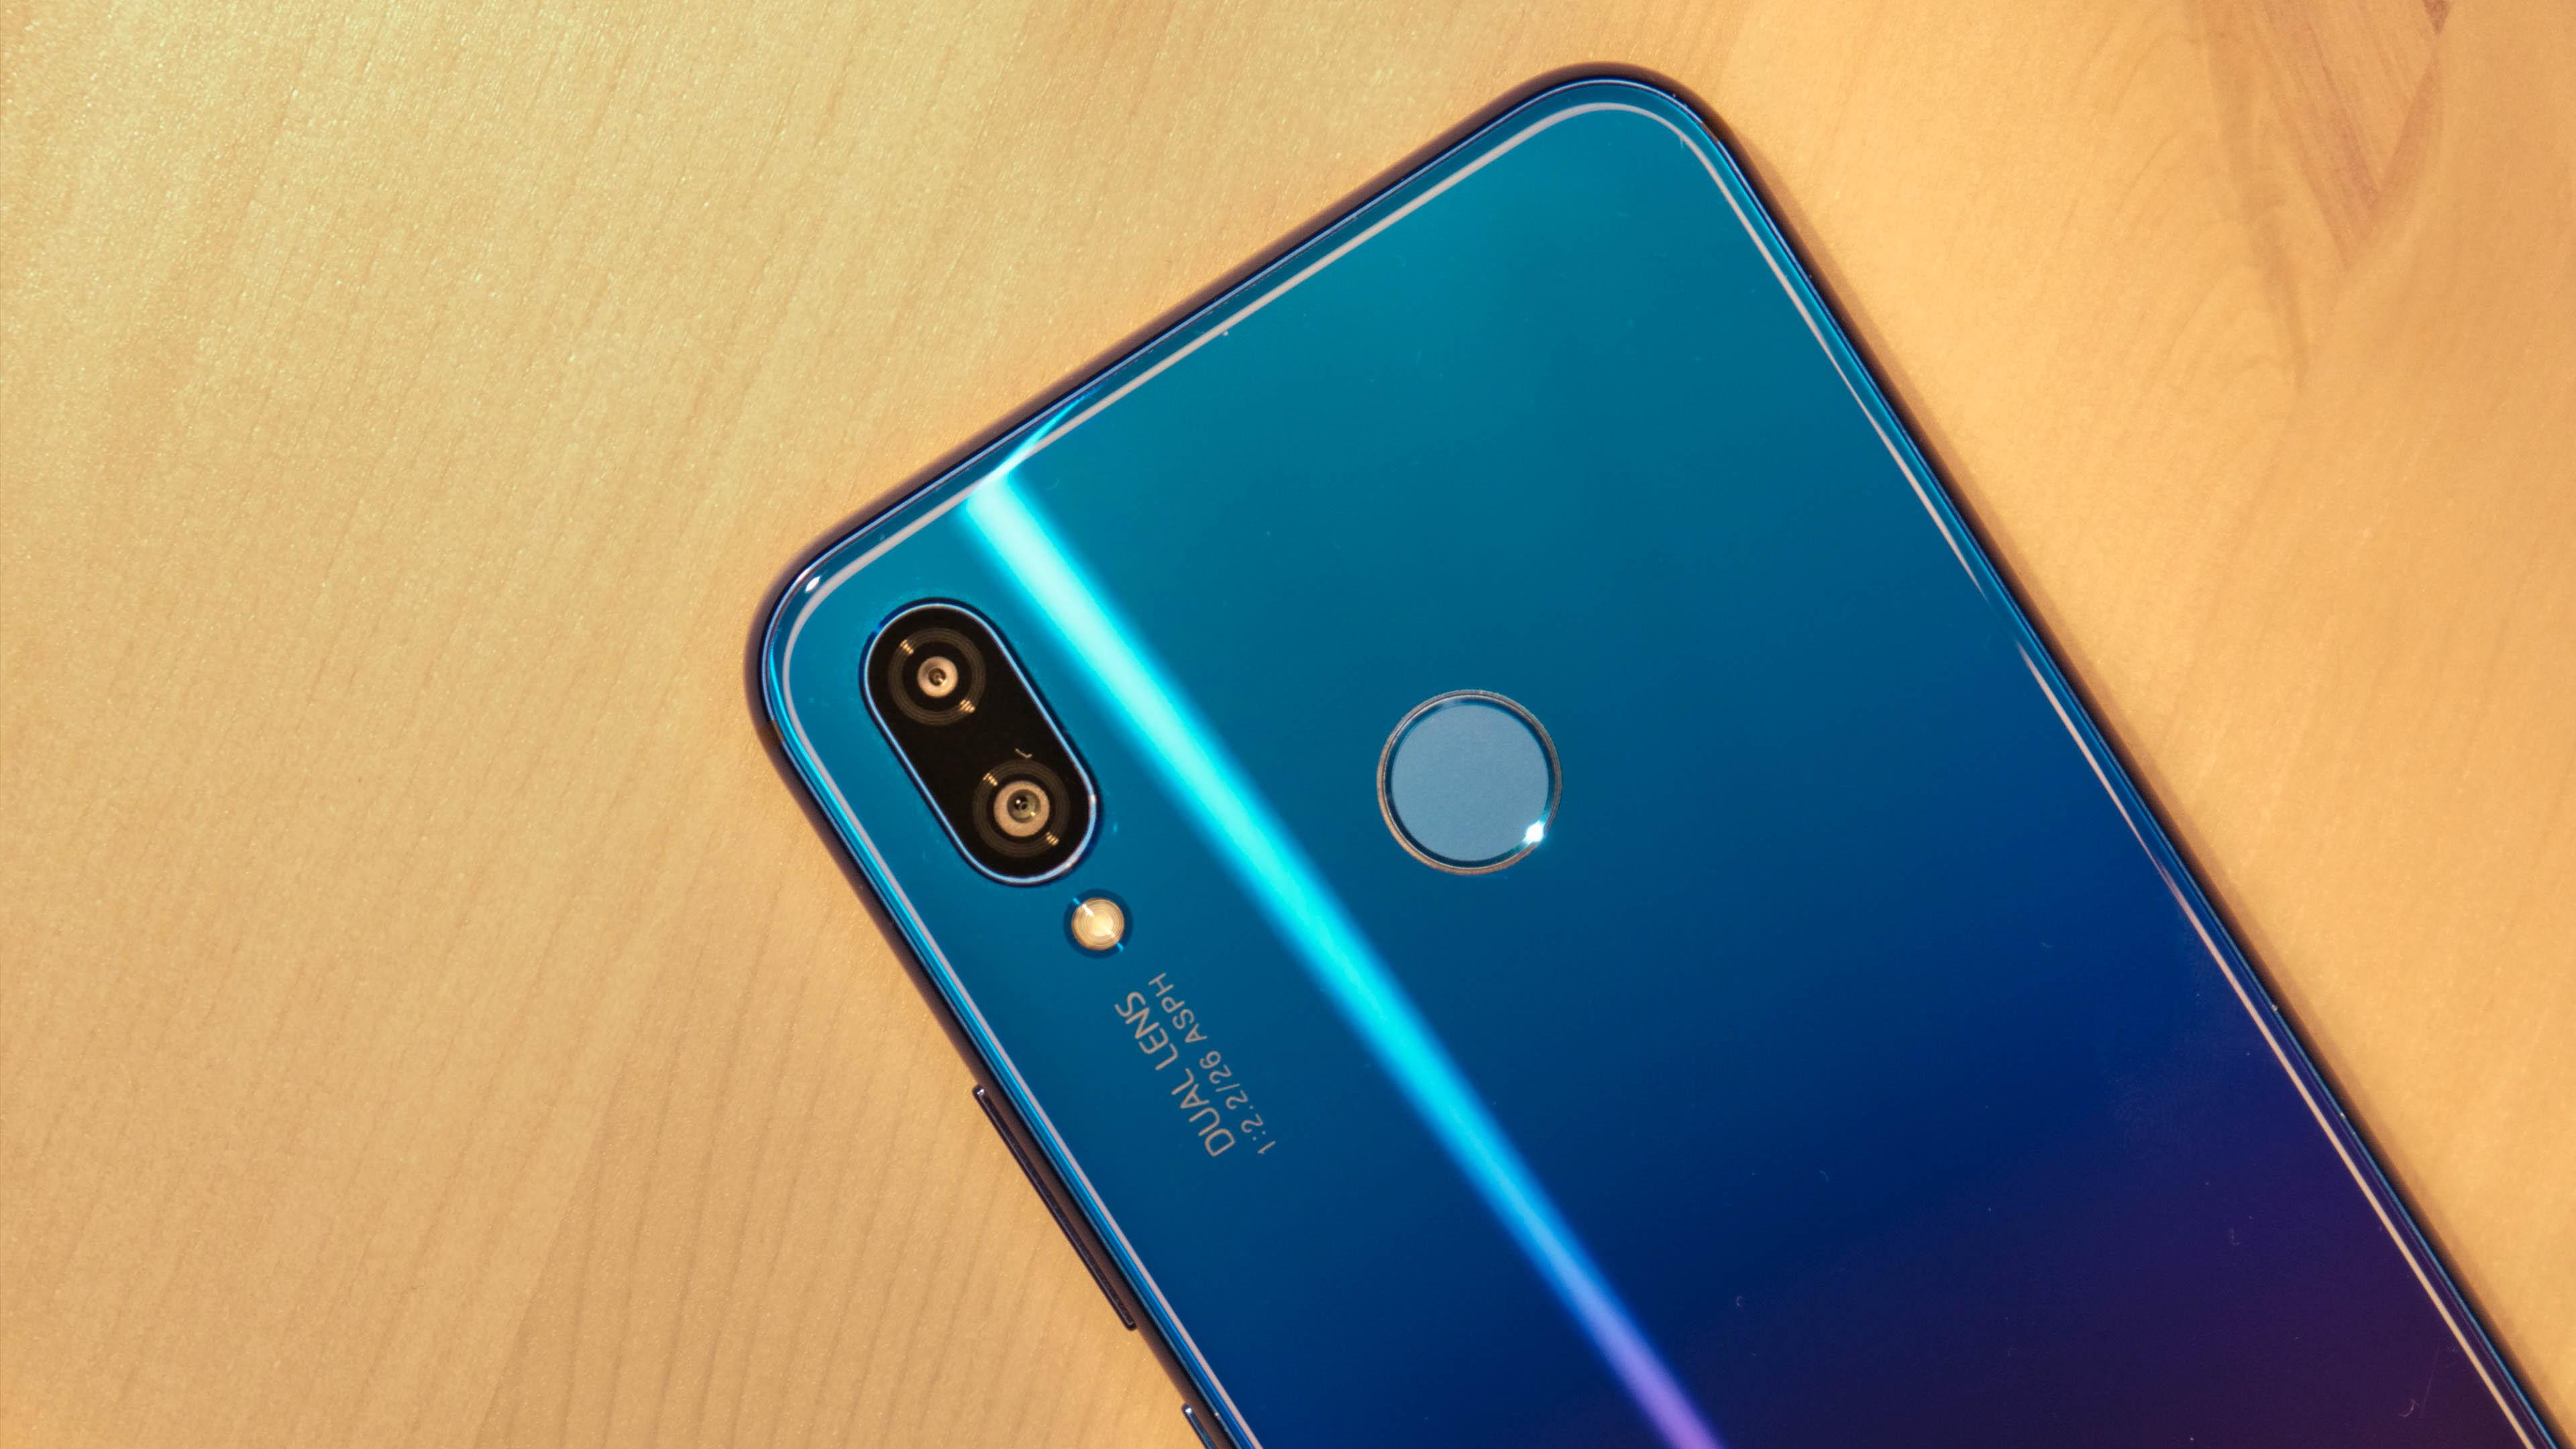 手机拍照也想要文青风?就拿Huawei Nova 3i 来试试吧!